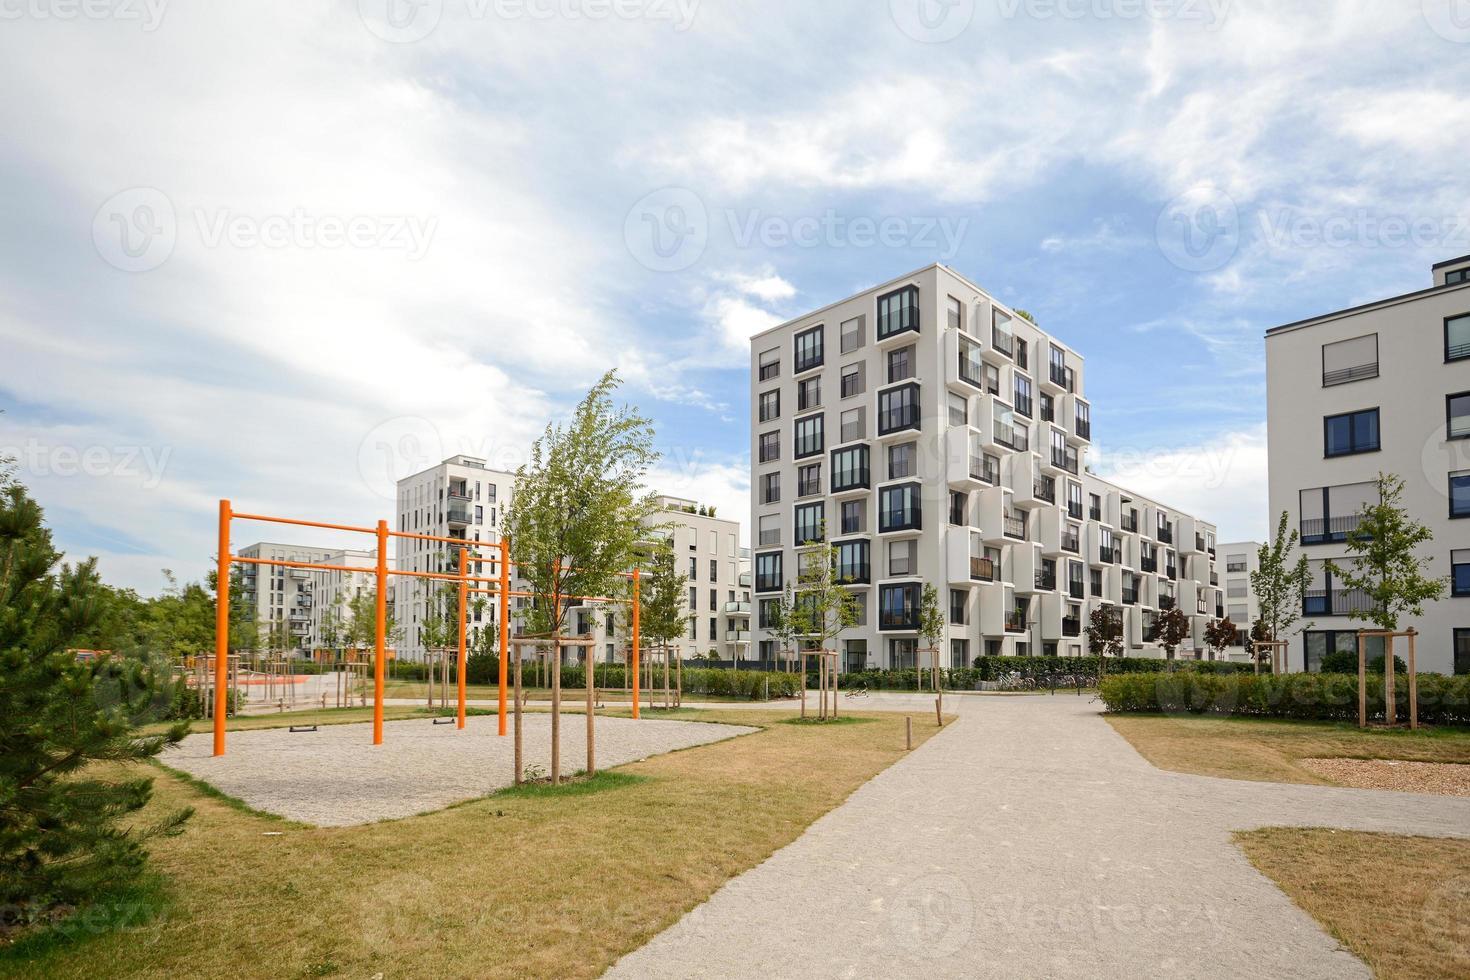 nuevo parque infantil y modernos edificios residenciales foto